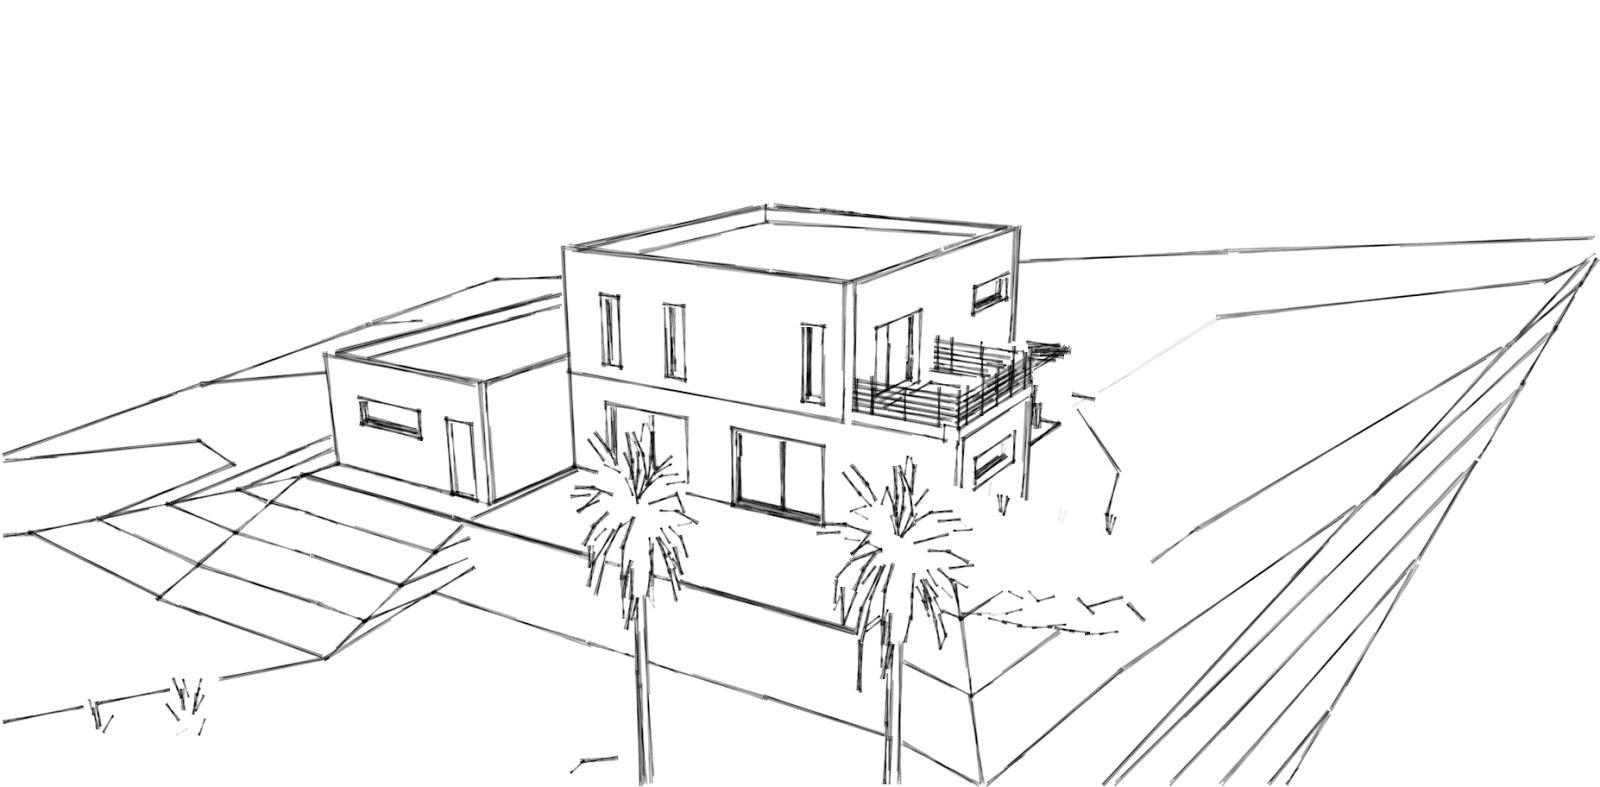 modification permis g modification du permis de construire les dellis de l 233 t 233 autos. Black Bedroom Furniture Sets. Home Design Ideas